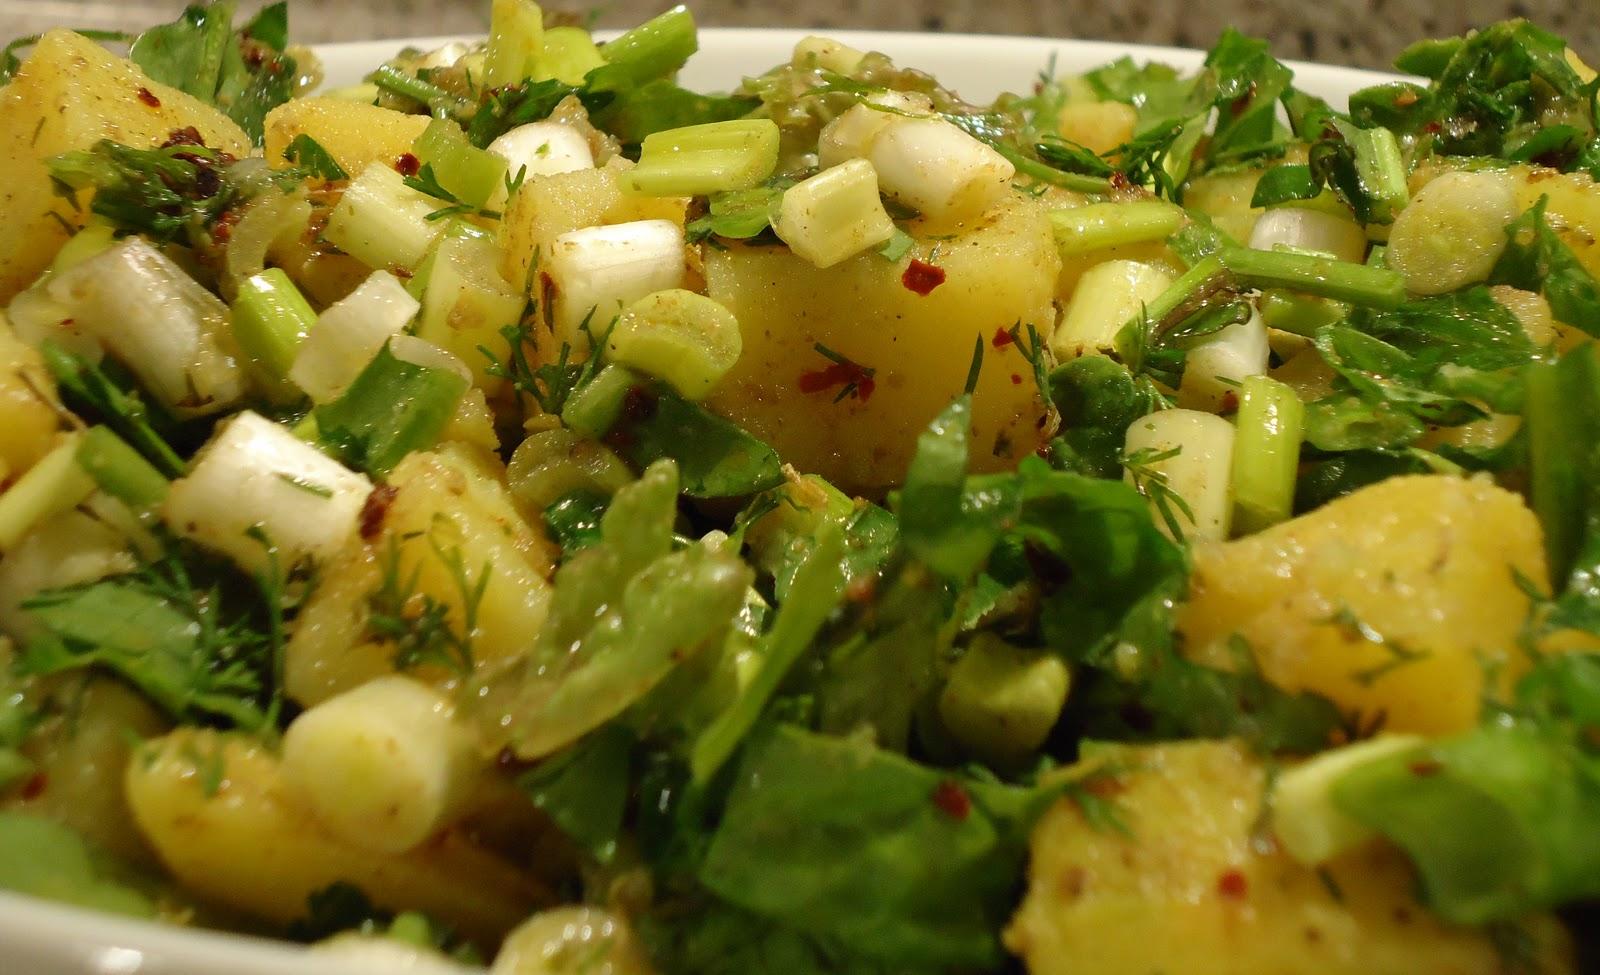 patates-salatasi-jpg.8009 21.Gün İftar Menüsü 2013 Melekler Mekanı Forum